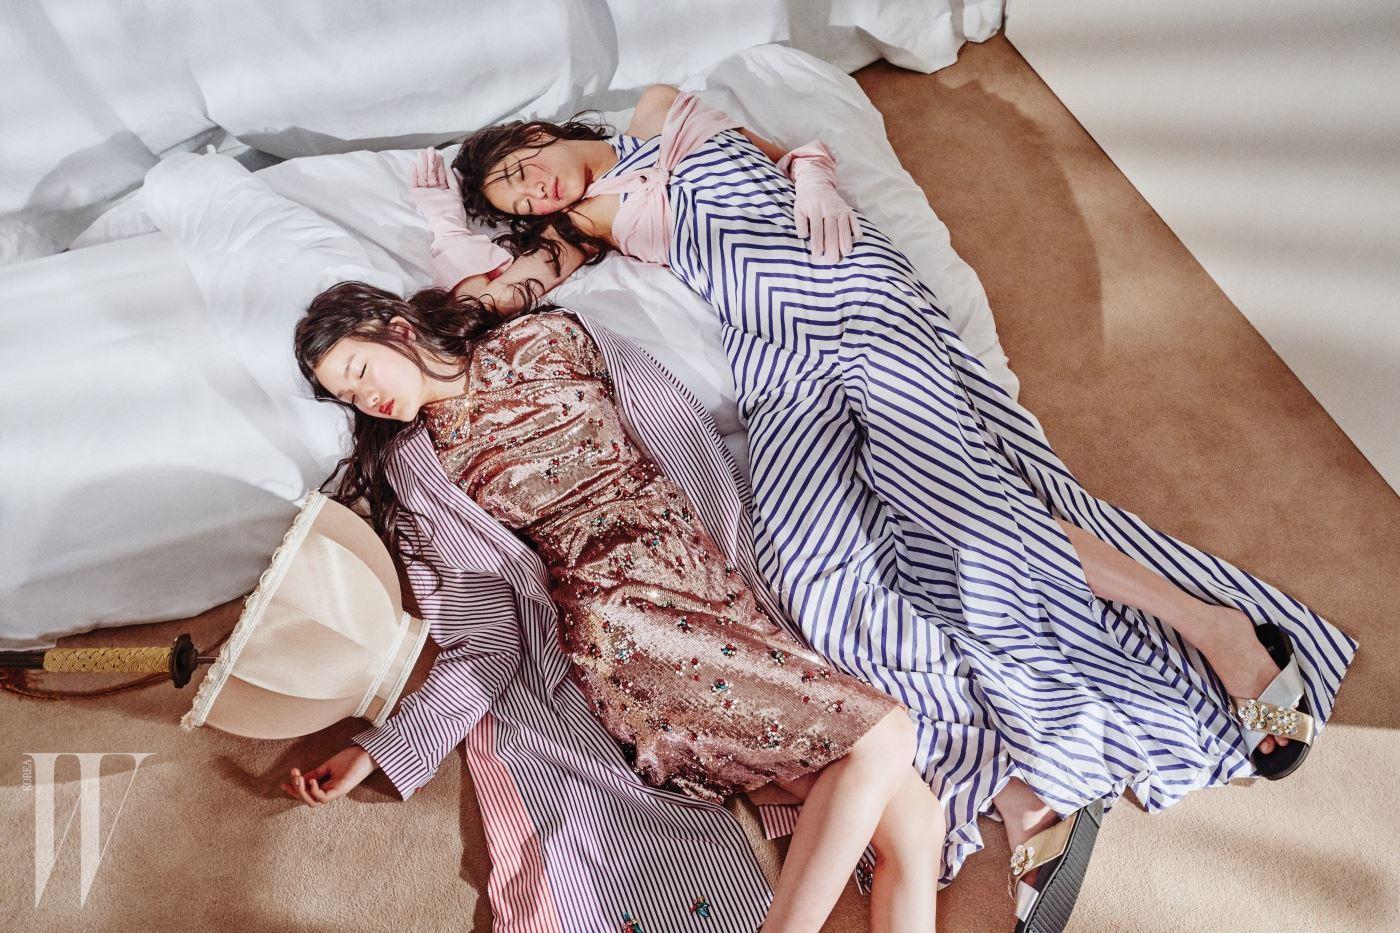 왼쪽부터 | 시퀸 장식 드레스는 Gucci, 꽃 모양 크리스털을 장식한 줄무늬 코트는 Rabbitti, 드라마틱한 줄무늬 점프슈트는 Ralph Lauren, 분홍색 브라톱과 장갑은 SJYP, 메탈 소재 꽃이 장식된 슬리퍼는 Fendi 제품.